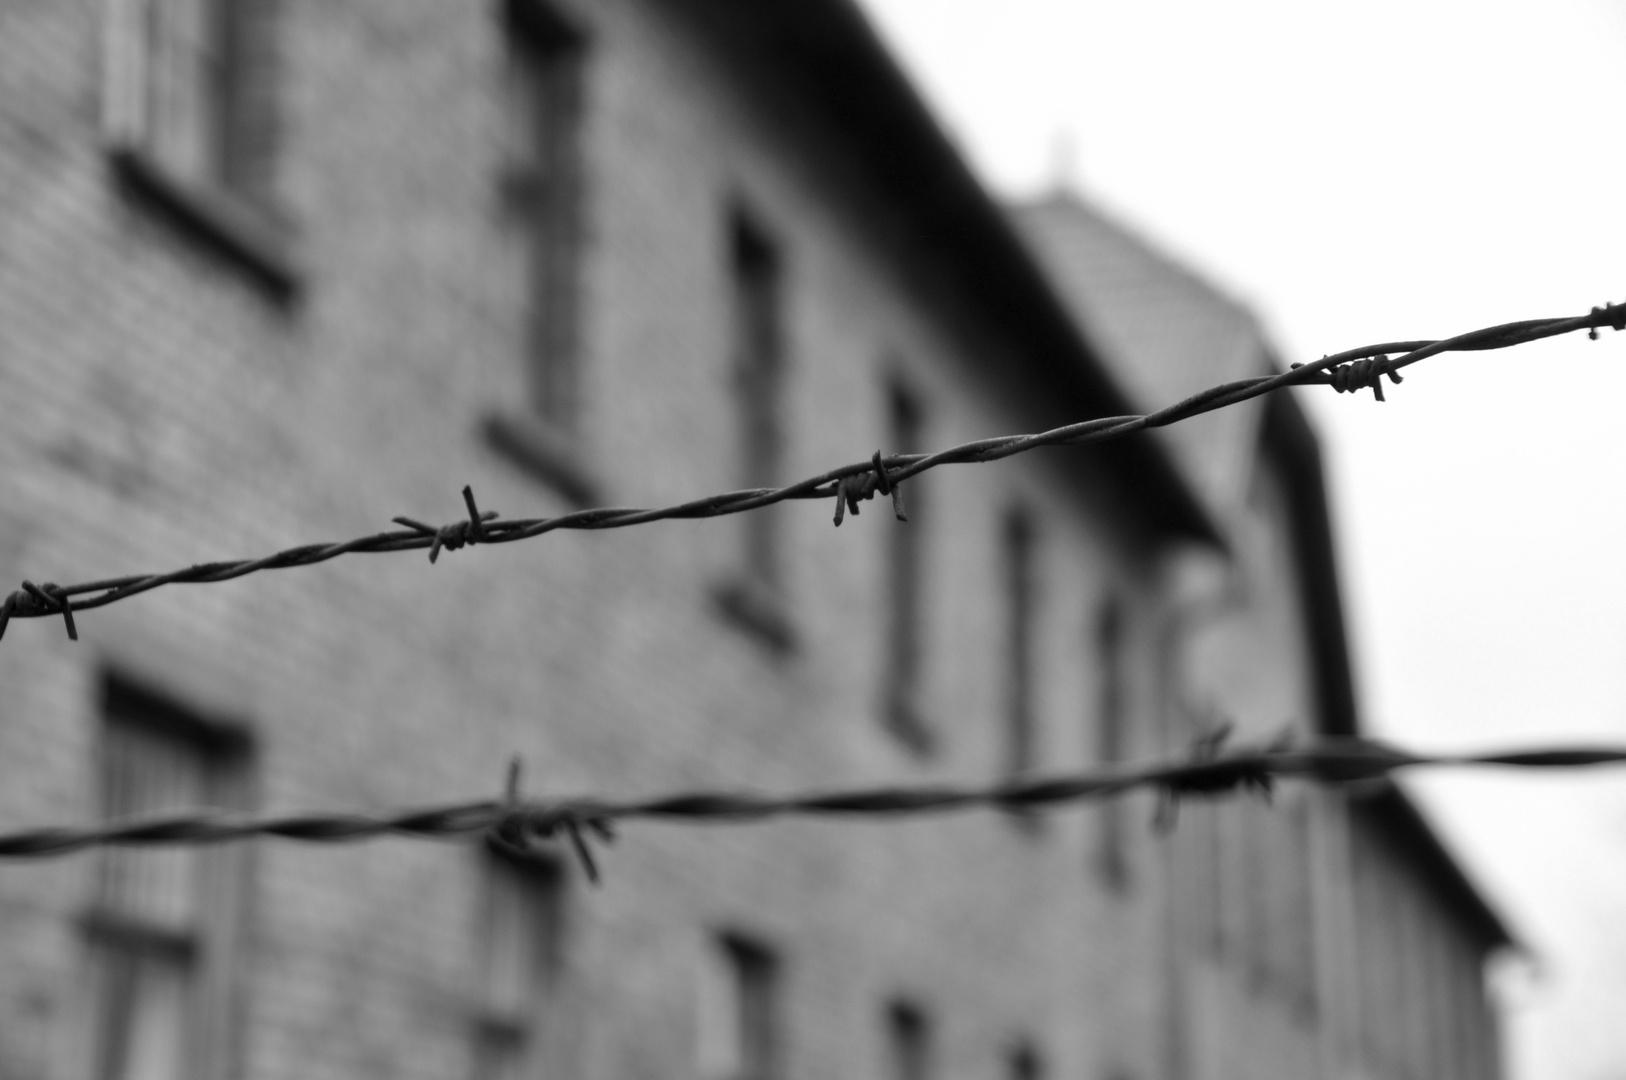 prigionia ...